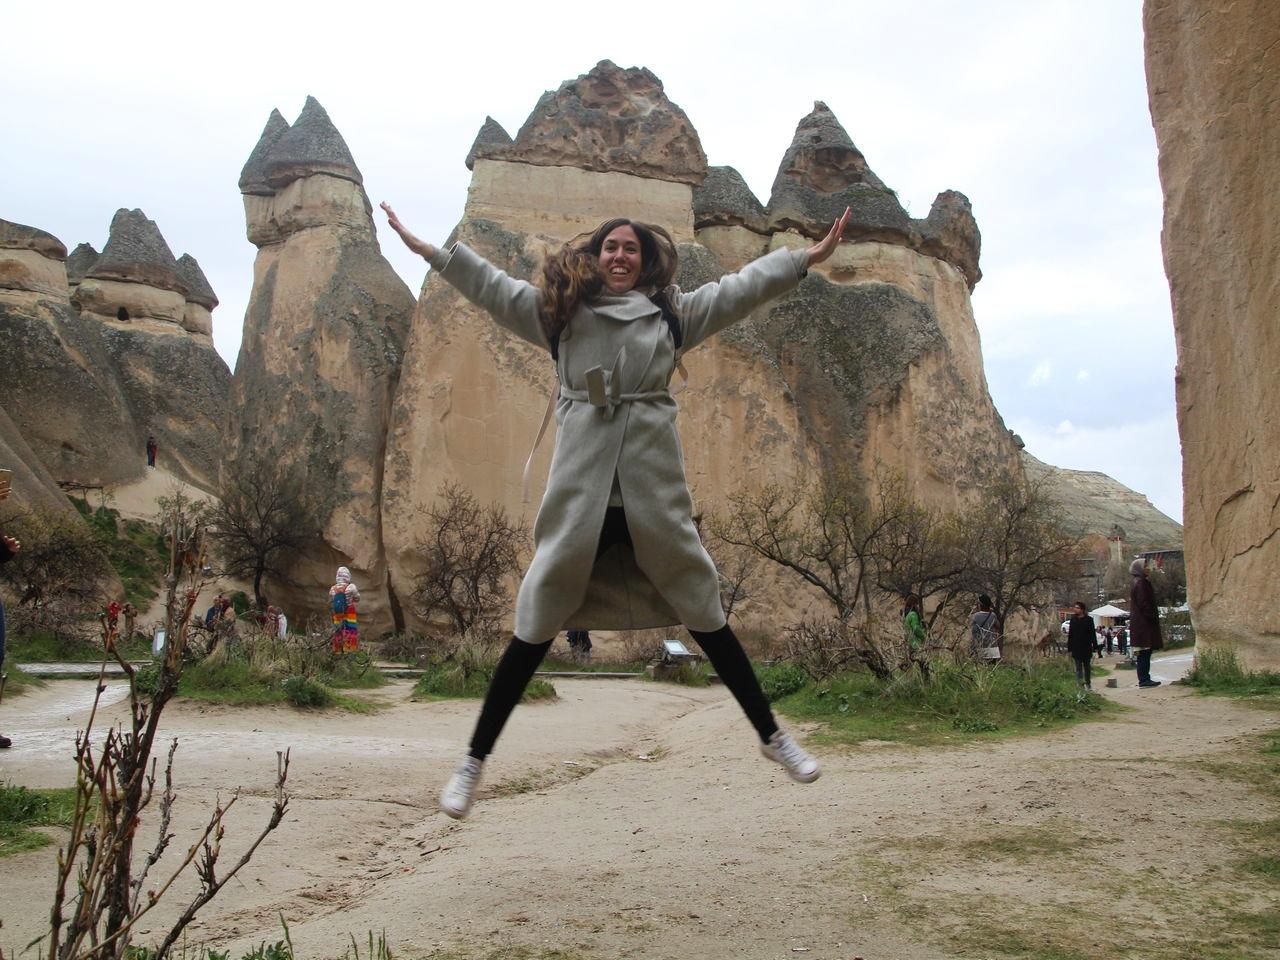 Presupuesto para viajar a Turquía y ver chimeneas de hadas en Capadocia.